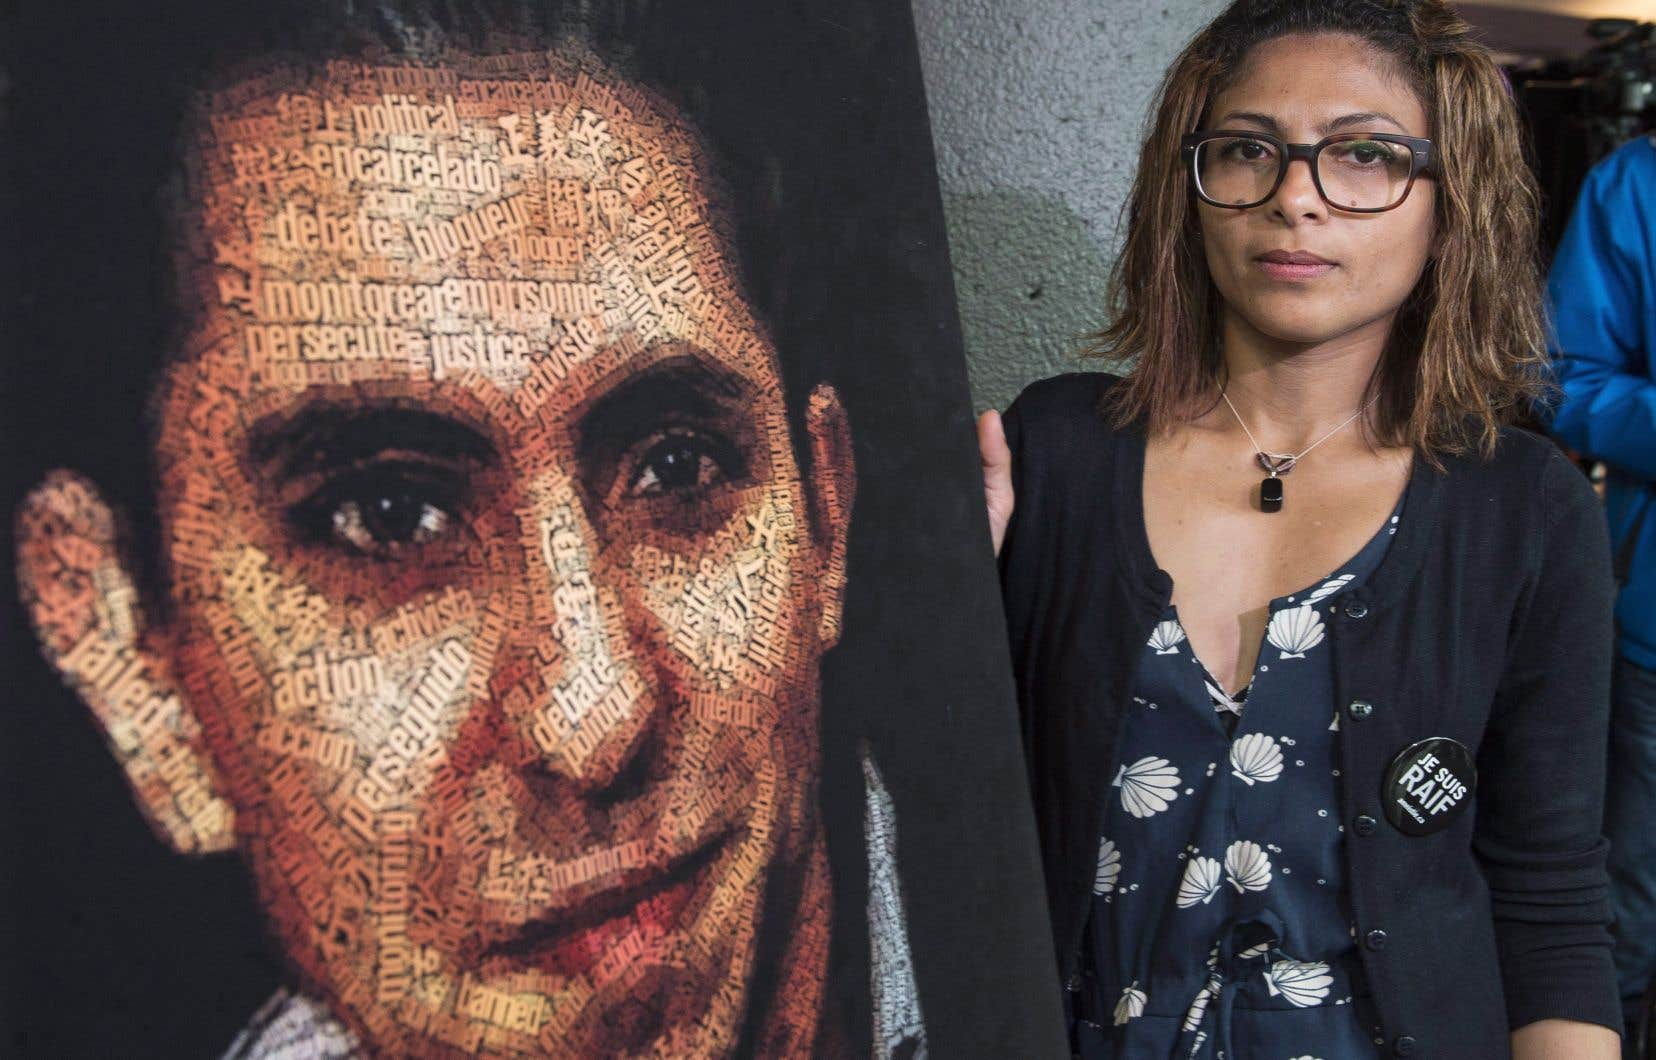 L'épouse du blogueur saoudien, Ensaf Haidar, photographiée en 2015